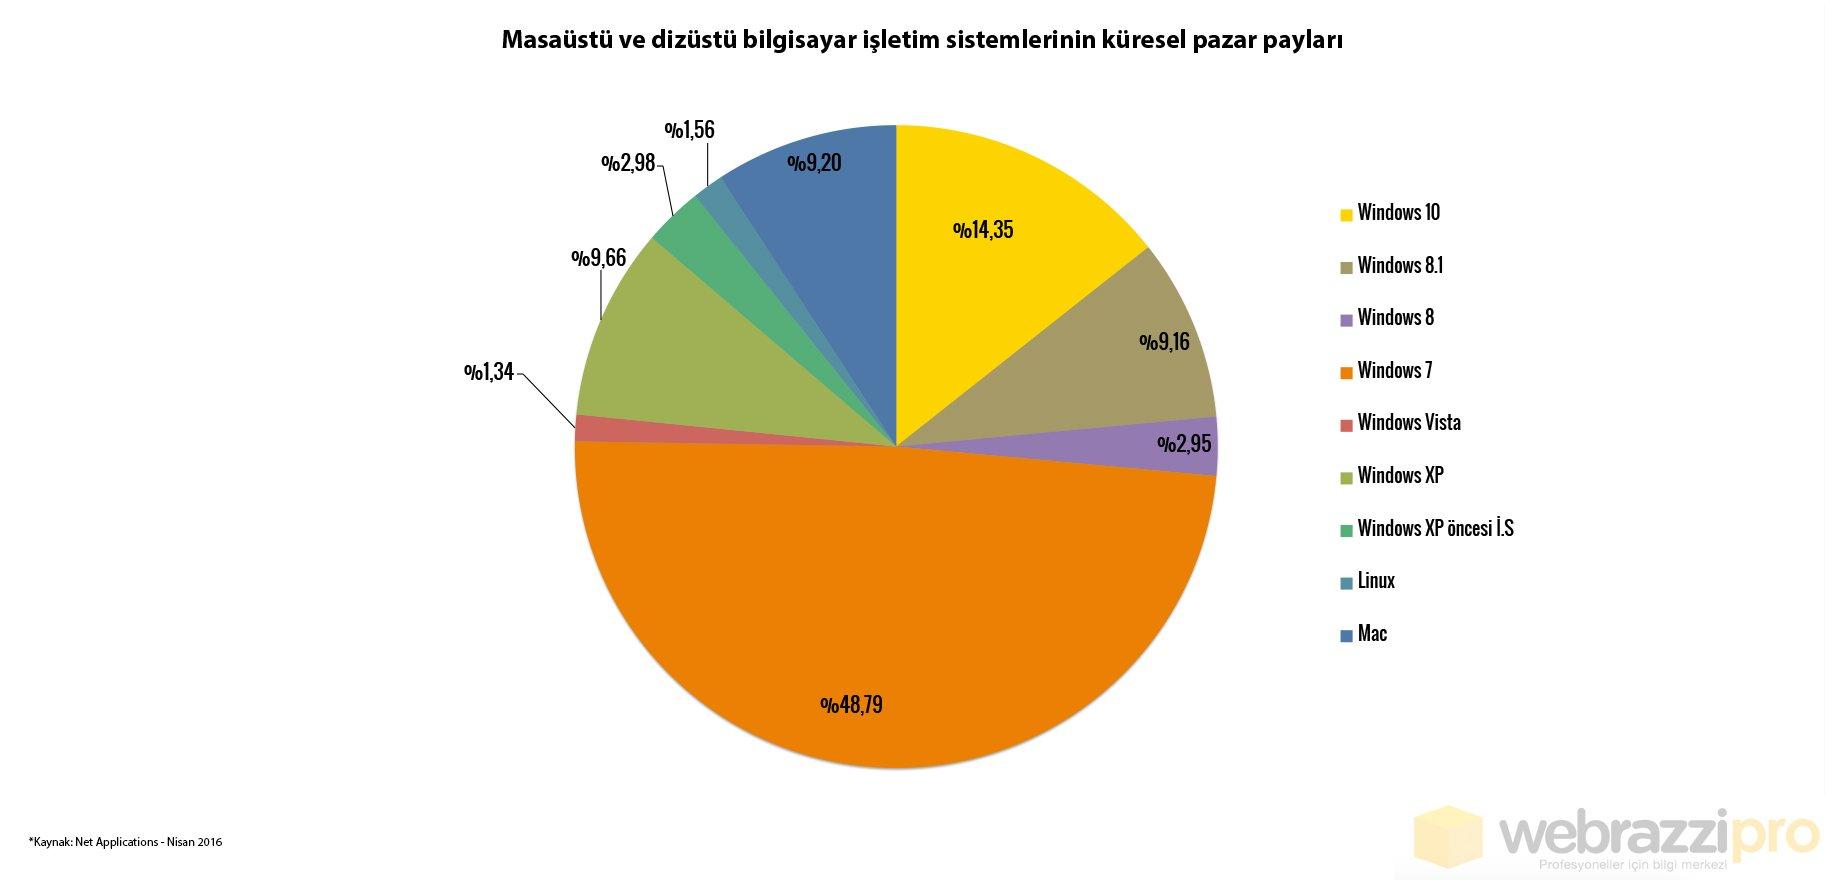 isletim-sistemleri-kuresel-pazar-paylari